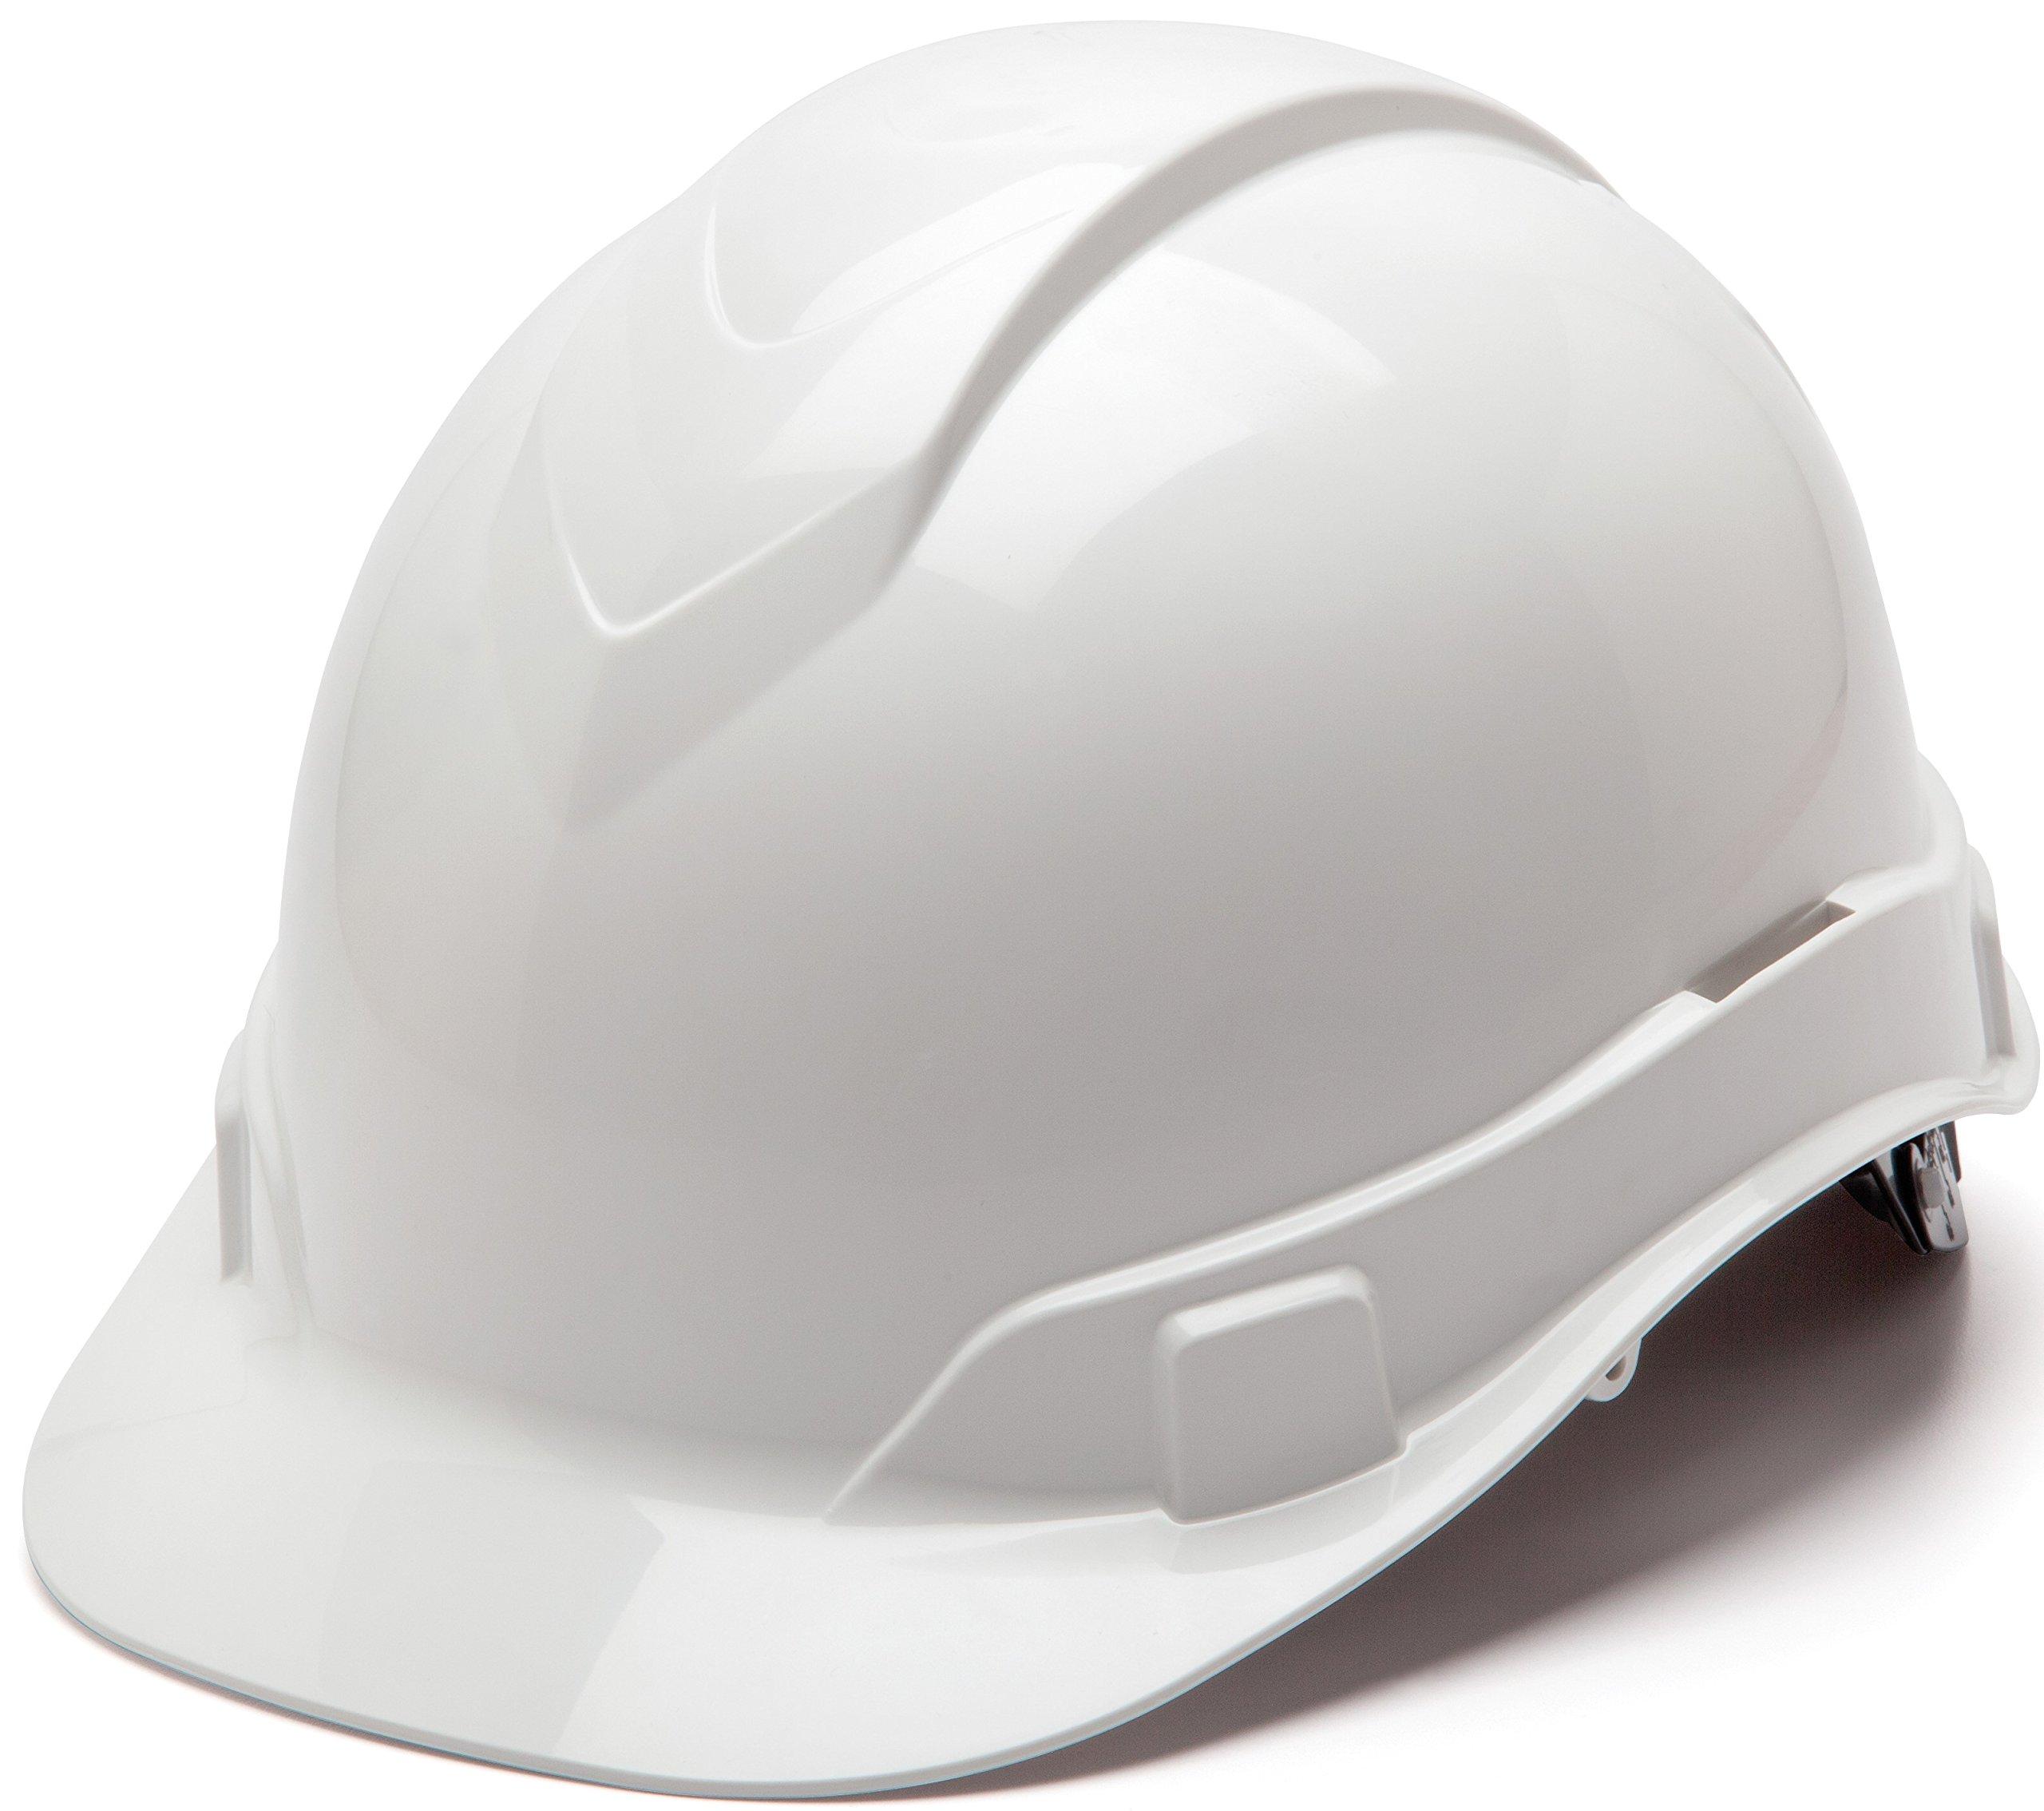 Pyramex Ridgeline Cap Style Hard Hat, 6 Point Ratchet Suspension, White